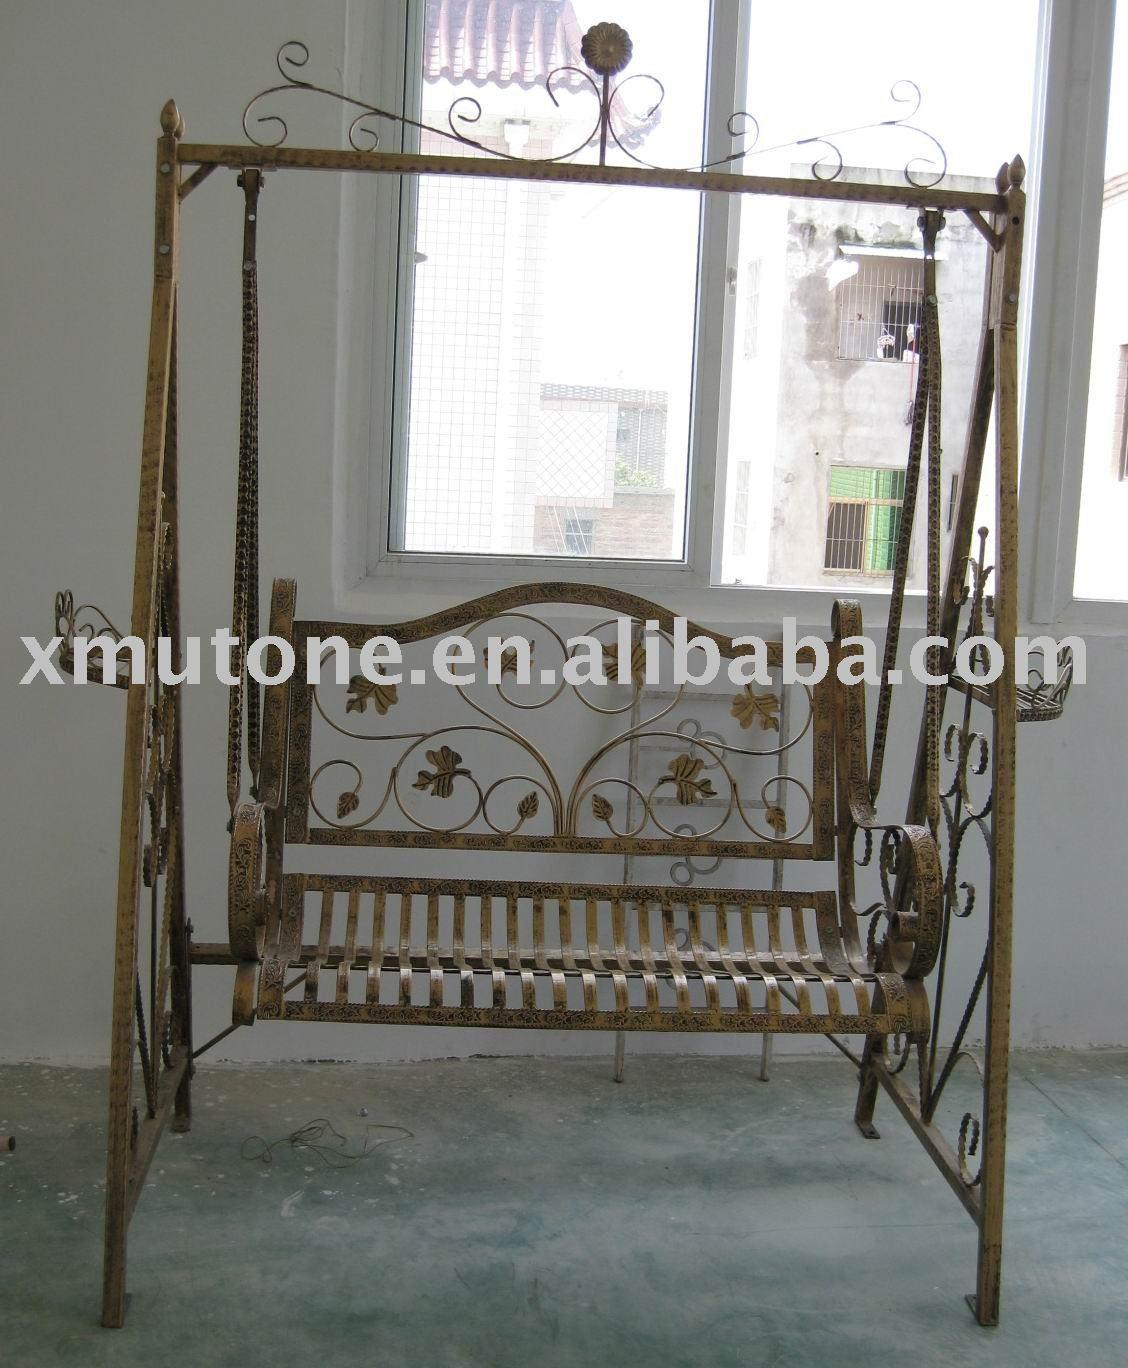 Cadeira de balanço de ferro Portões ID do produto:337117266  #5B4D37 1128x1368